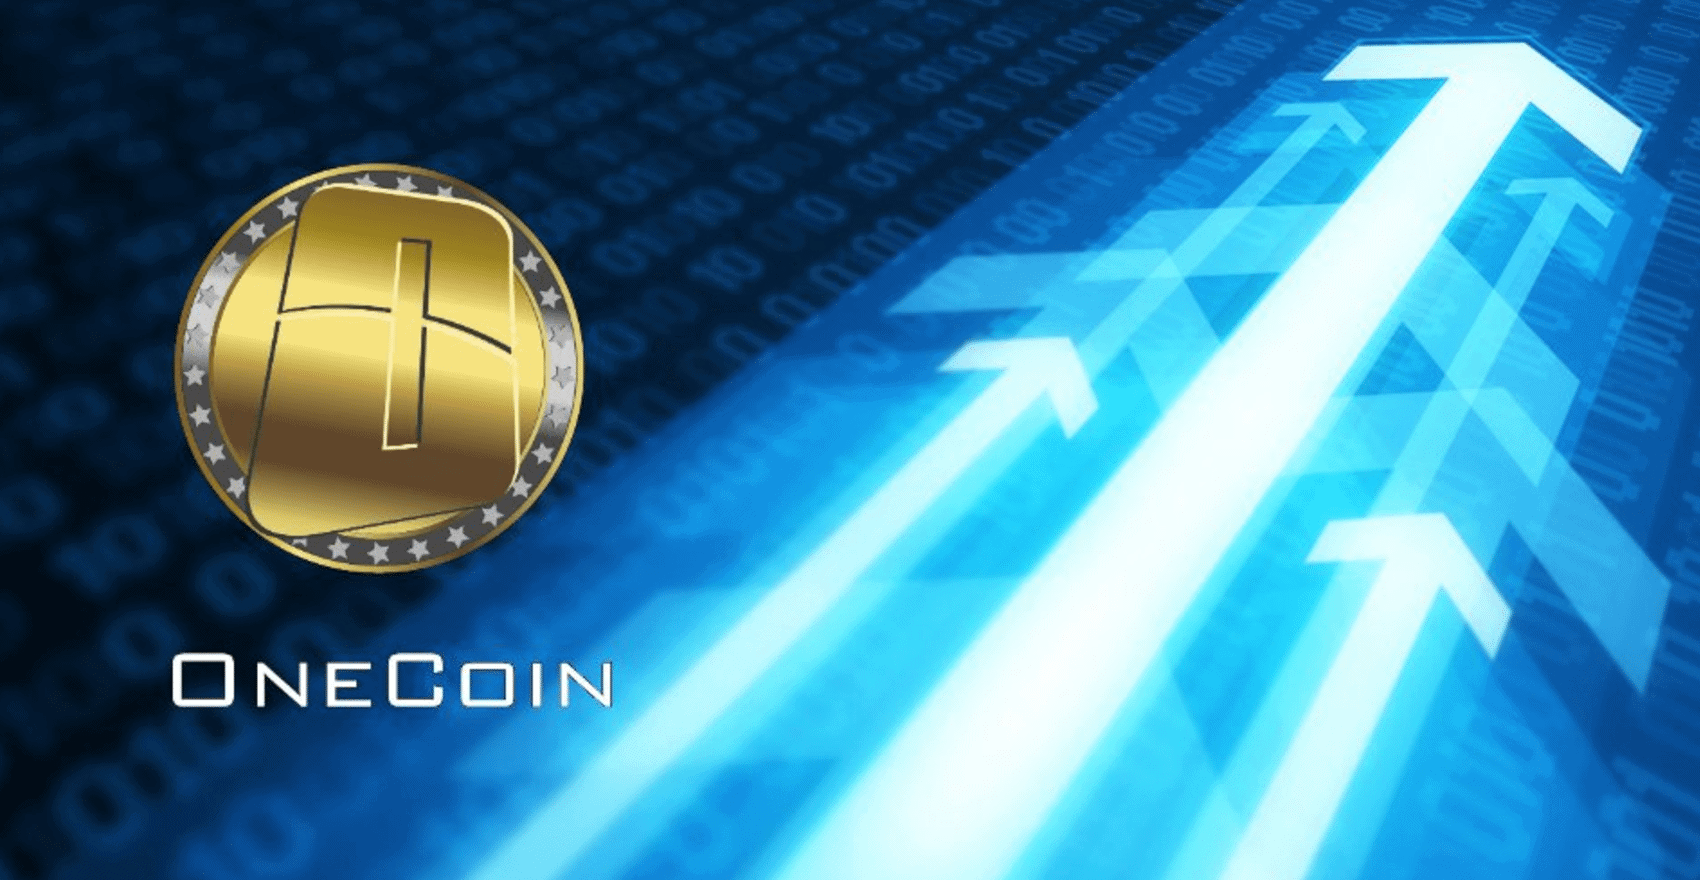 austrias financial regulator warns onecoin operating without license - Austria's Financial Regulator Warns Onecoin Operating Without License